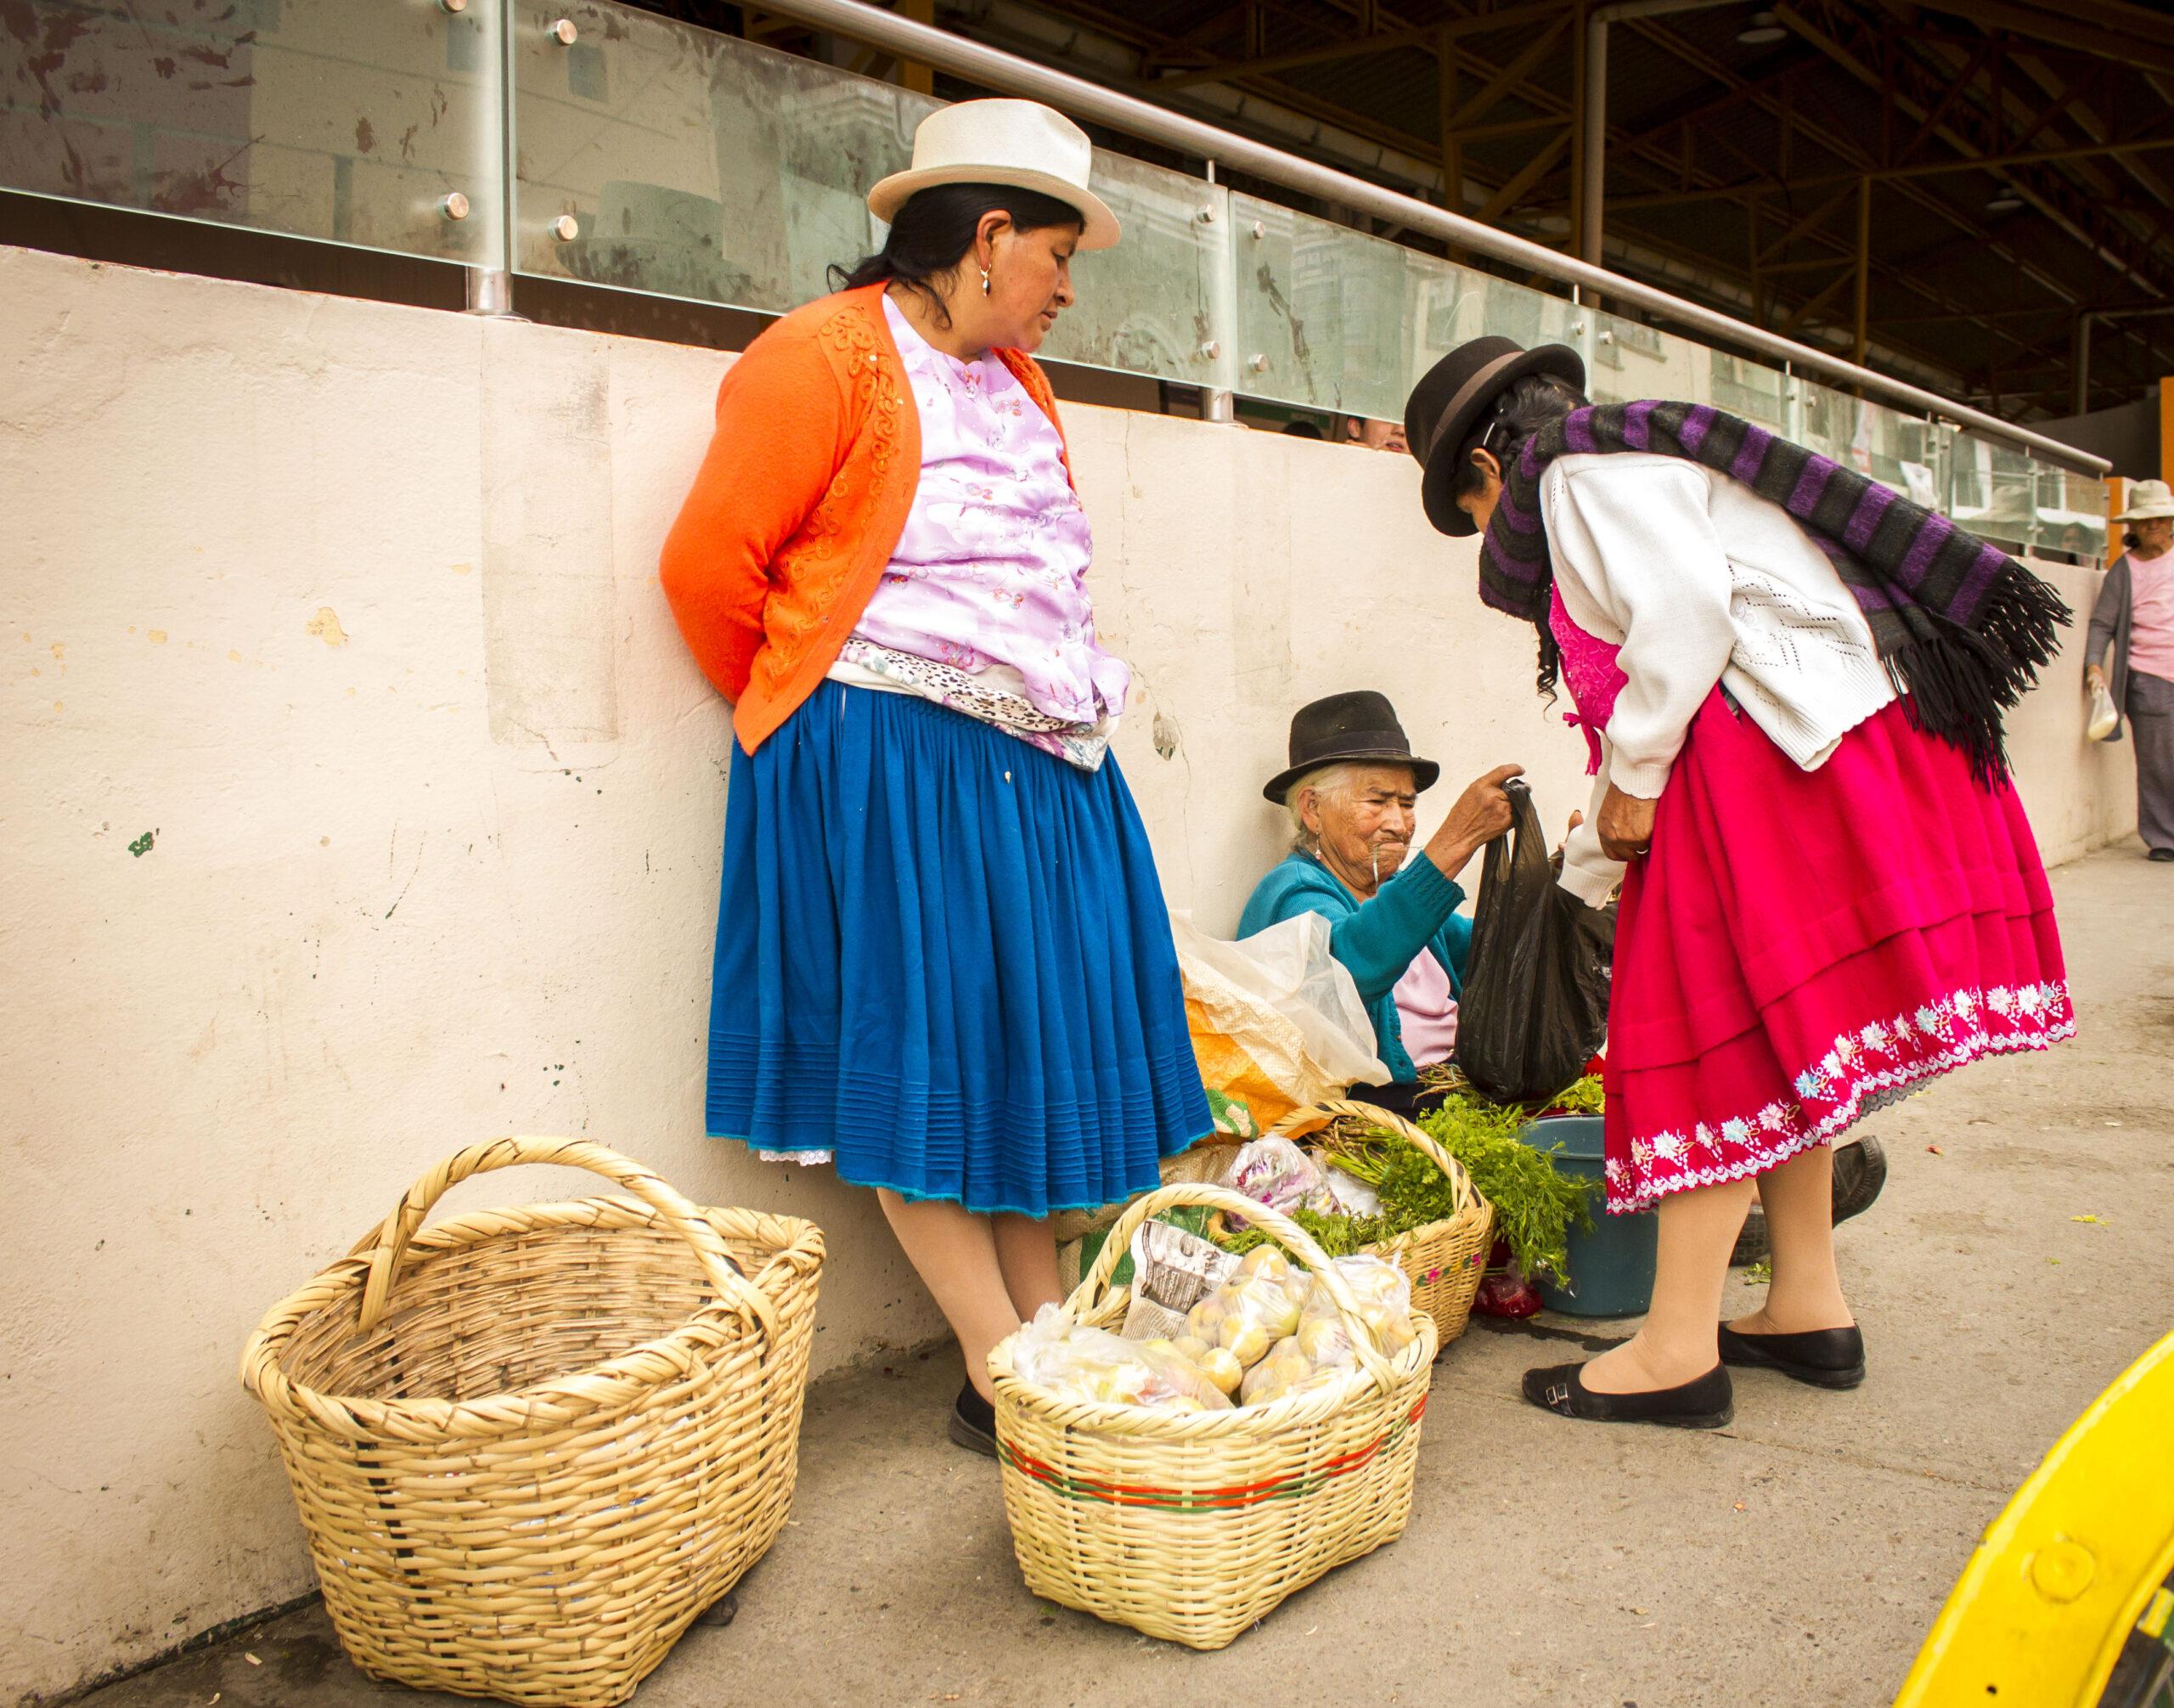 Imagen de la noticia Desarrollo de la equidad de género en 3 comunidades rurales de Cotopaxi (Ecuador)